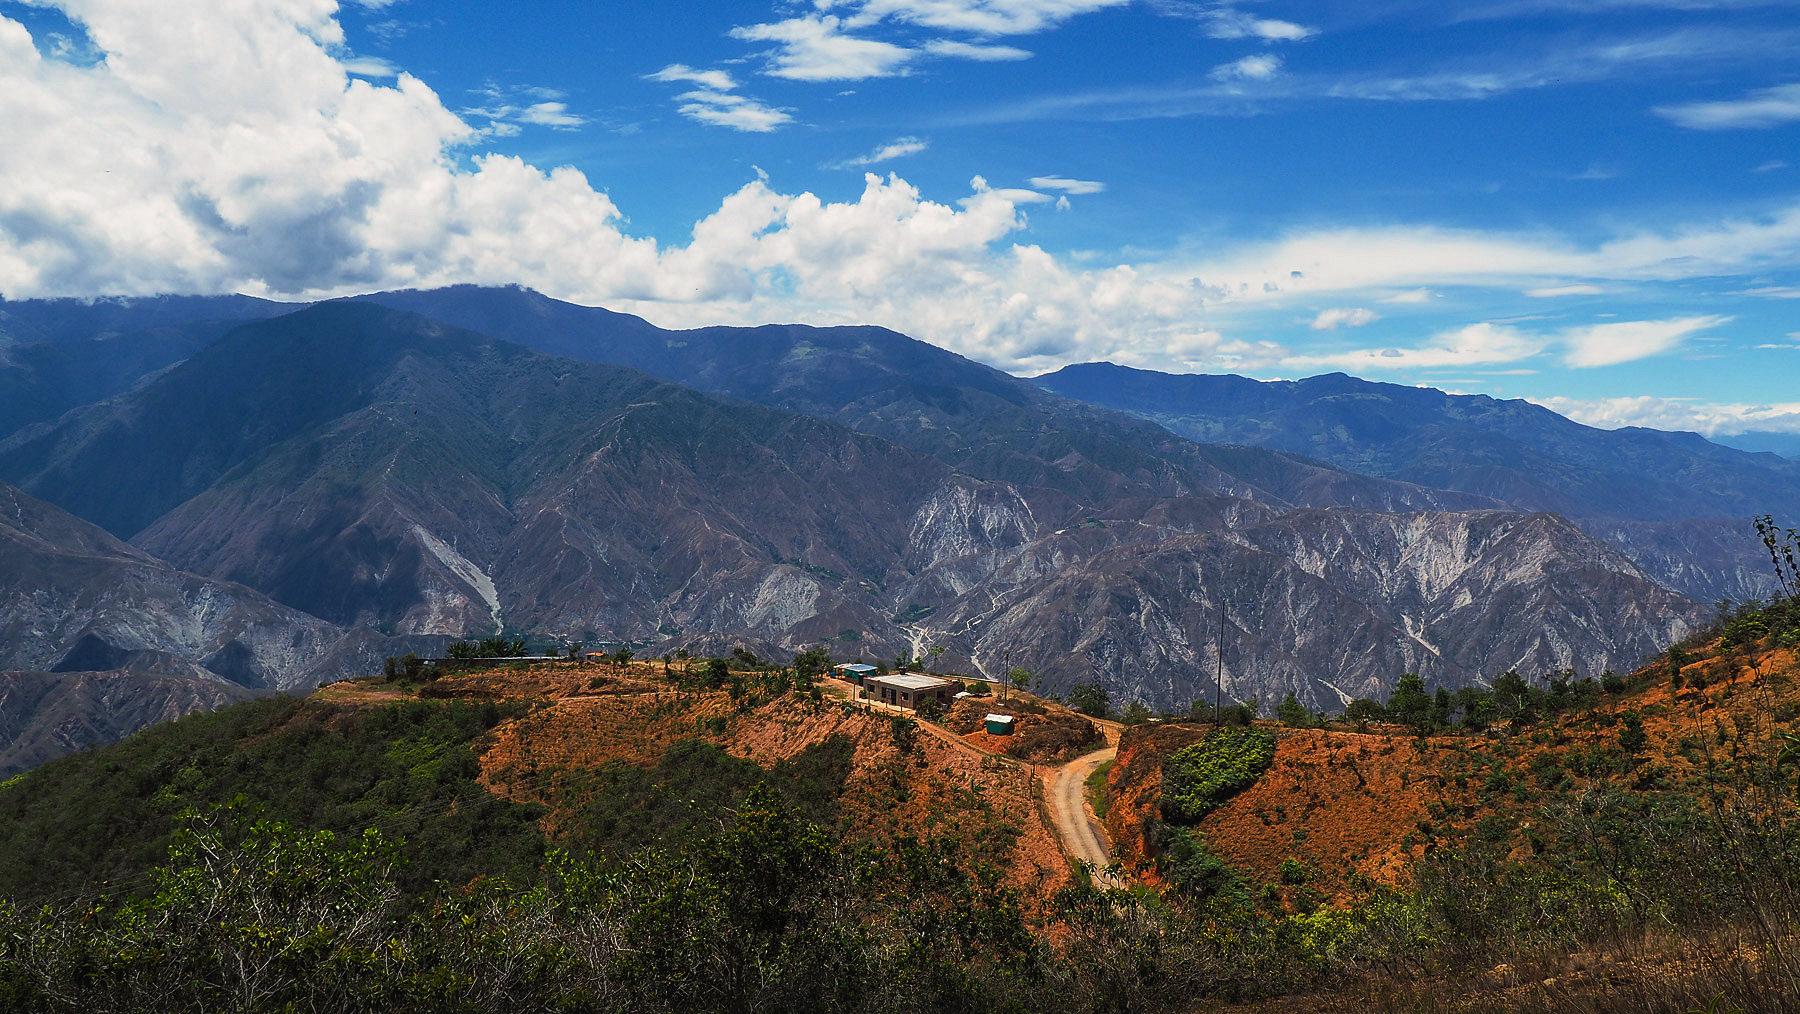 Chicamocha Canyon, schöner Übernachtungsplatz an der Kante